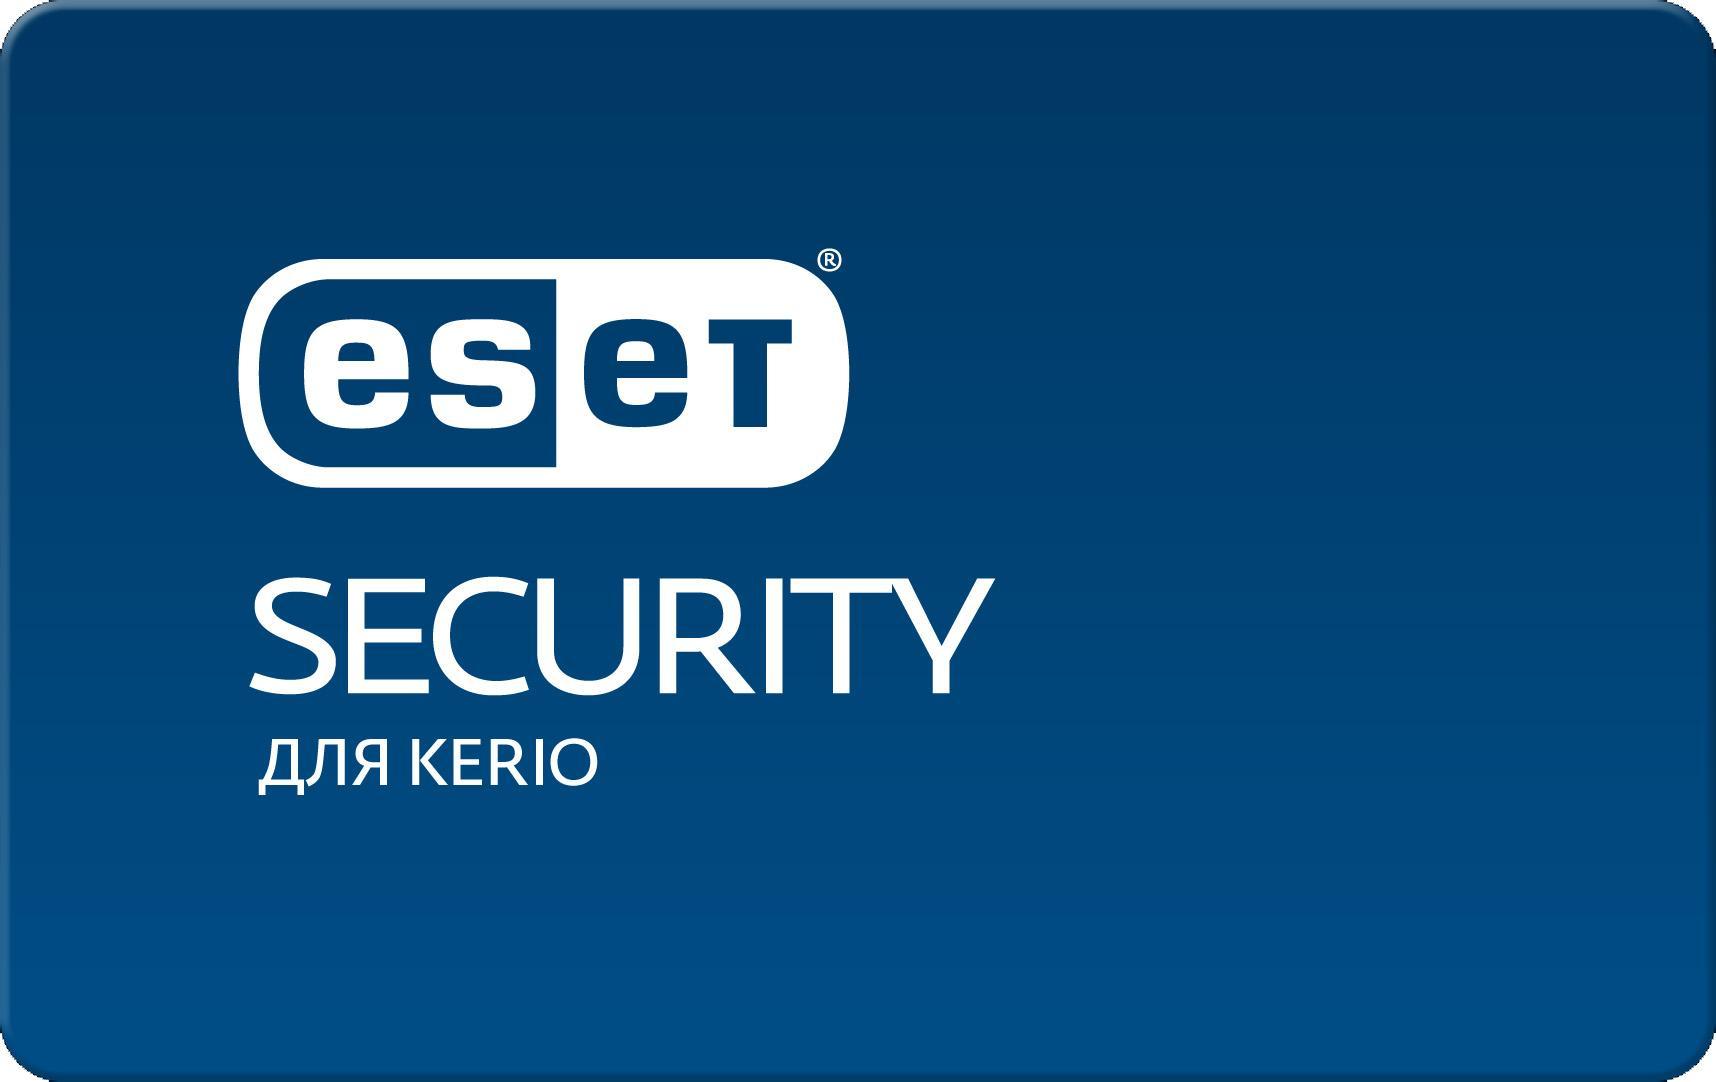 Защита почтовых серверов и интернет-шлюзов Eset Security для Kerio  для 195 пользователей